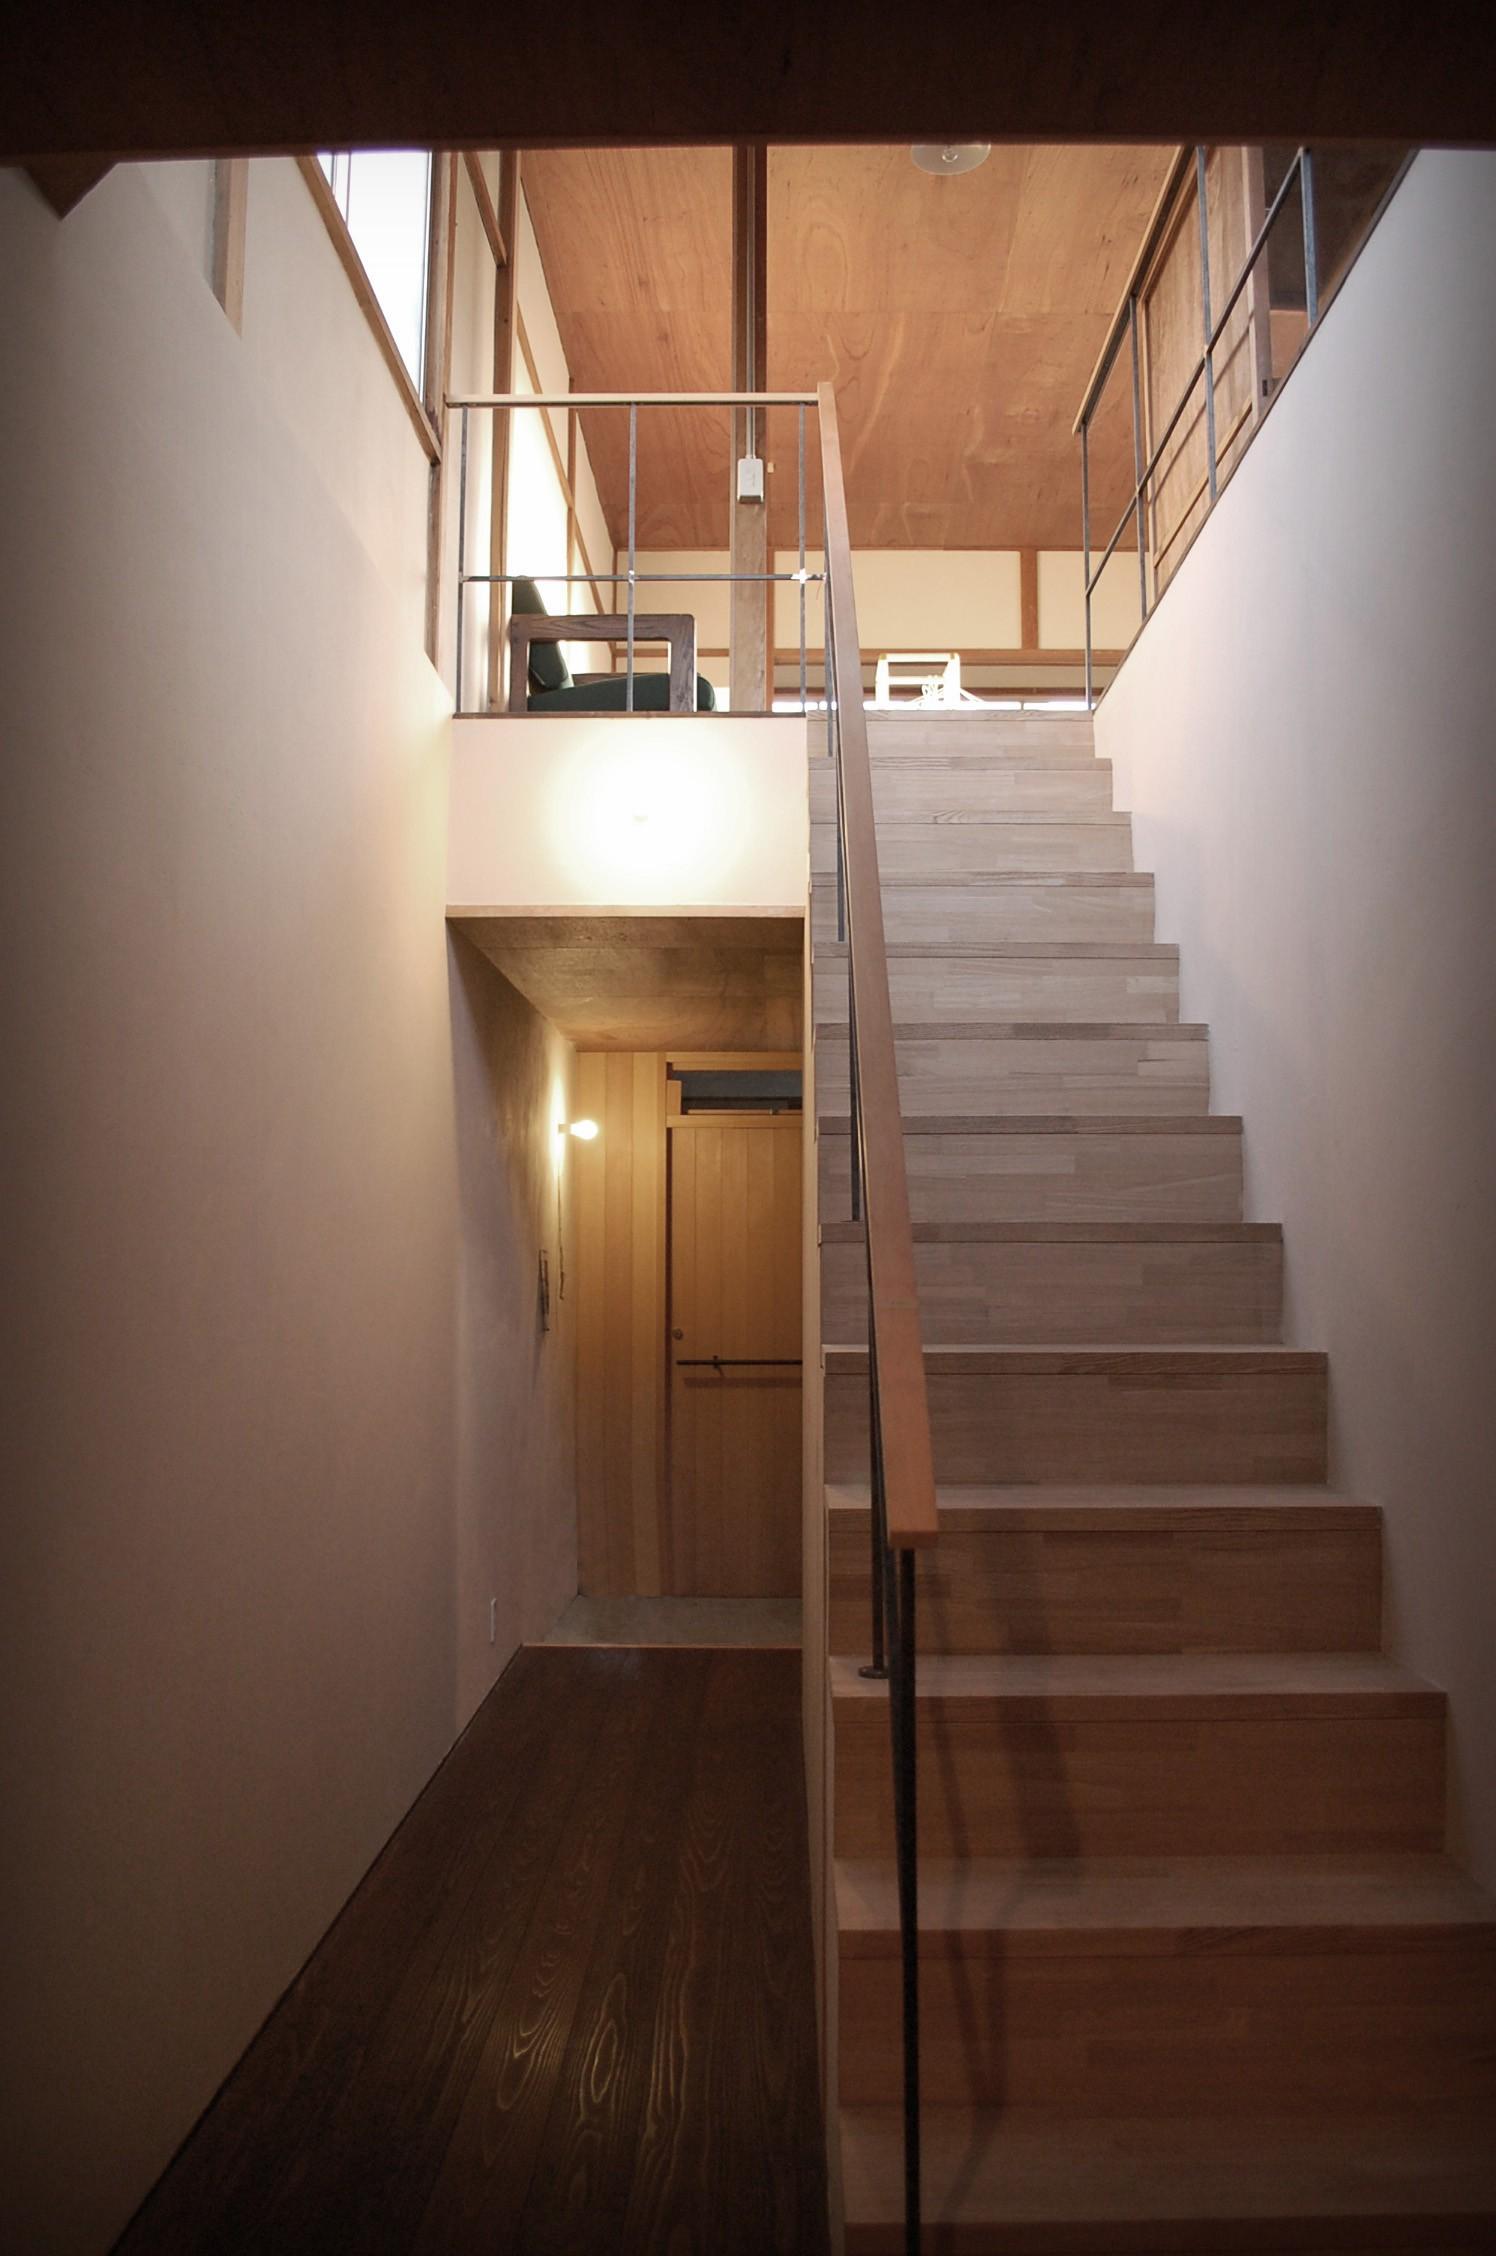 その他事例:階段を見る(膳所城下の改装)